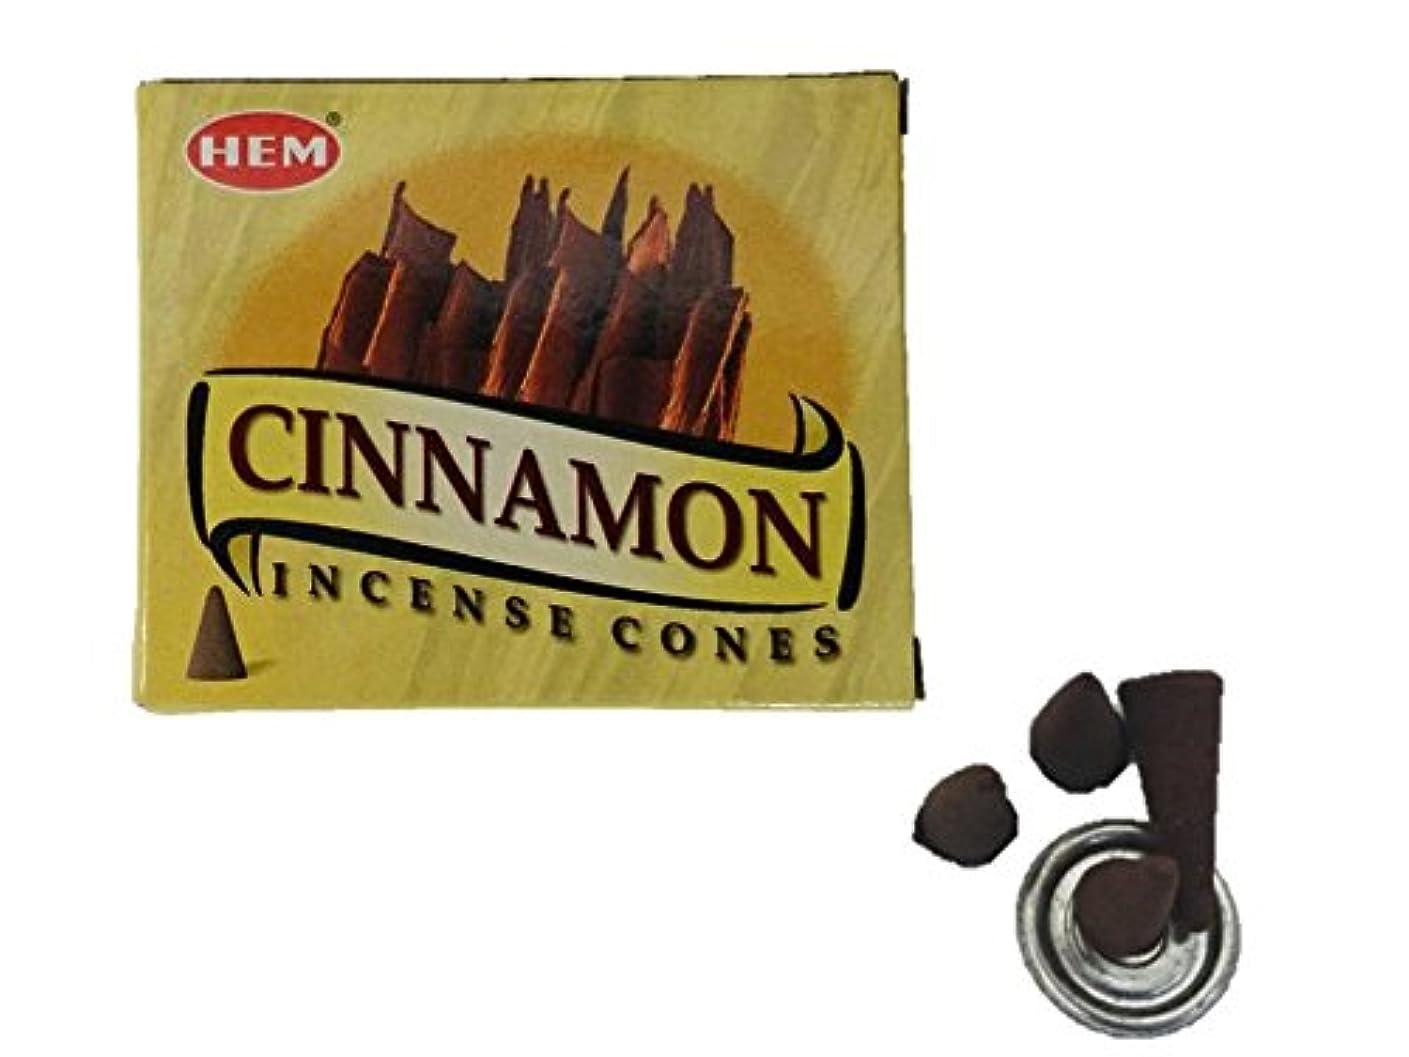 専門知識まぶしさ落ち着いてHEM(ヘム)お香 シナモン コーン 1箱